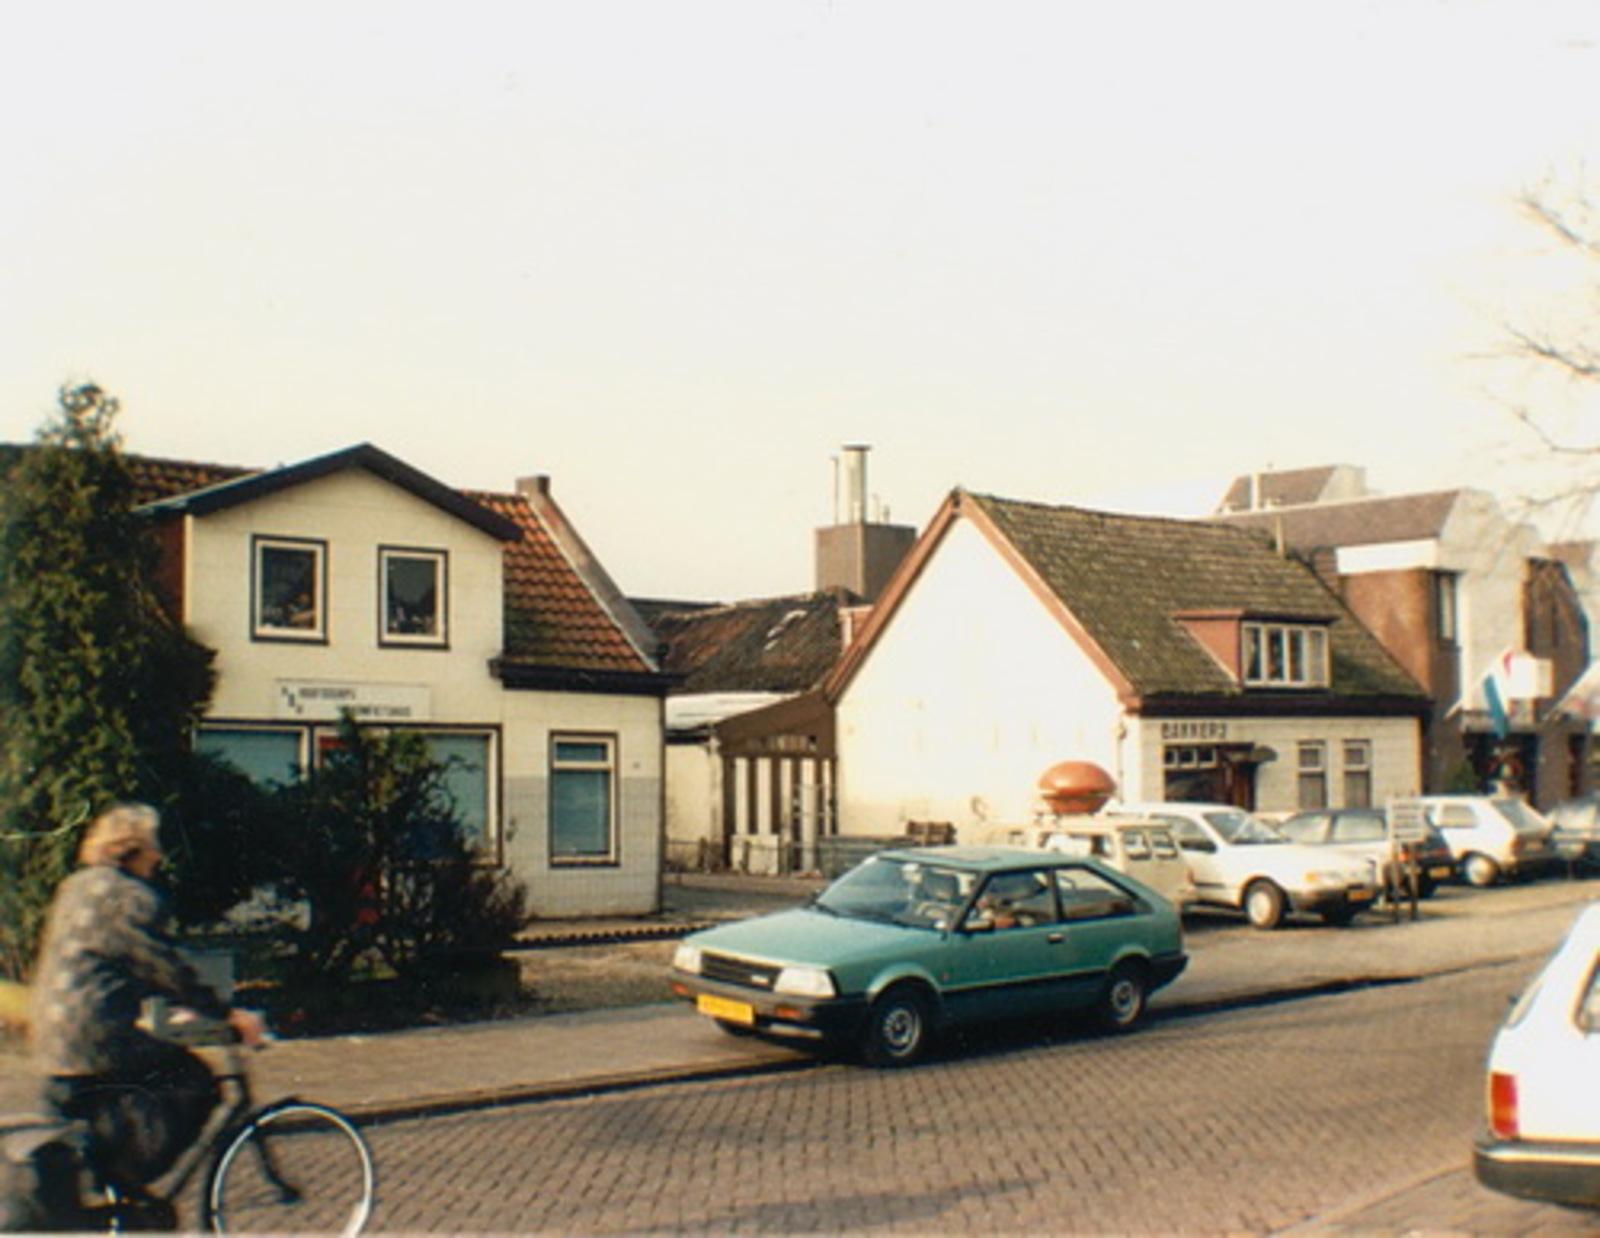 Concourslaan Z 0023 2000 Hoofddorps Bromfietshuis 01